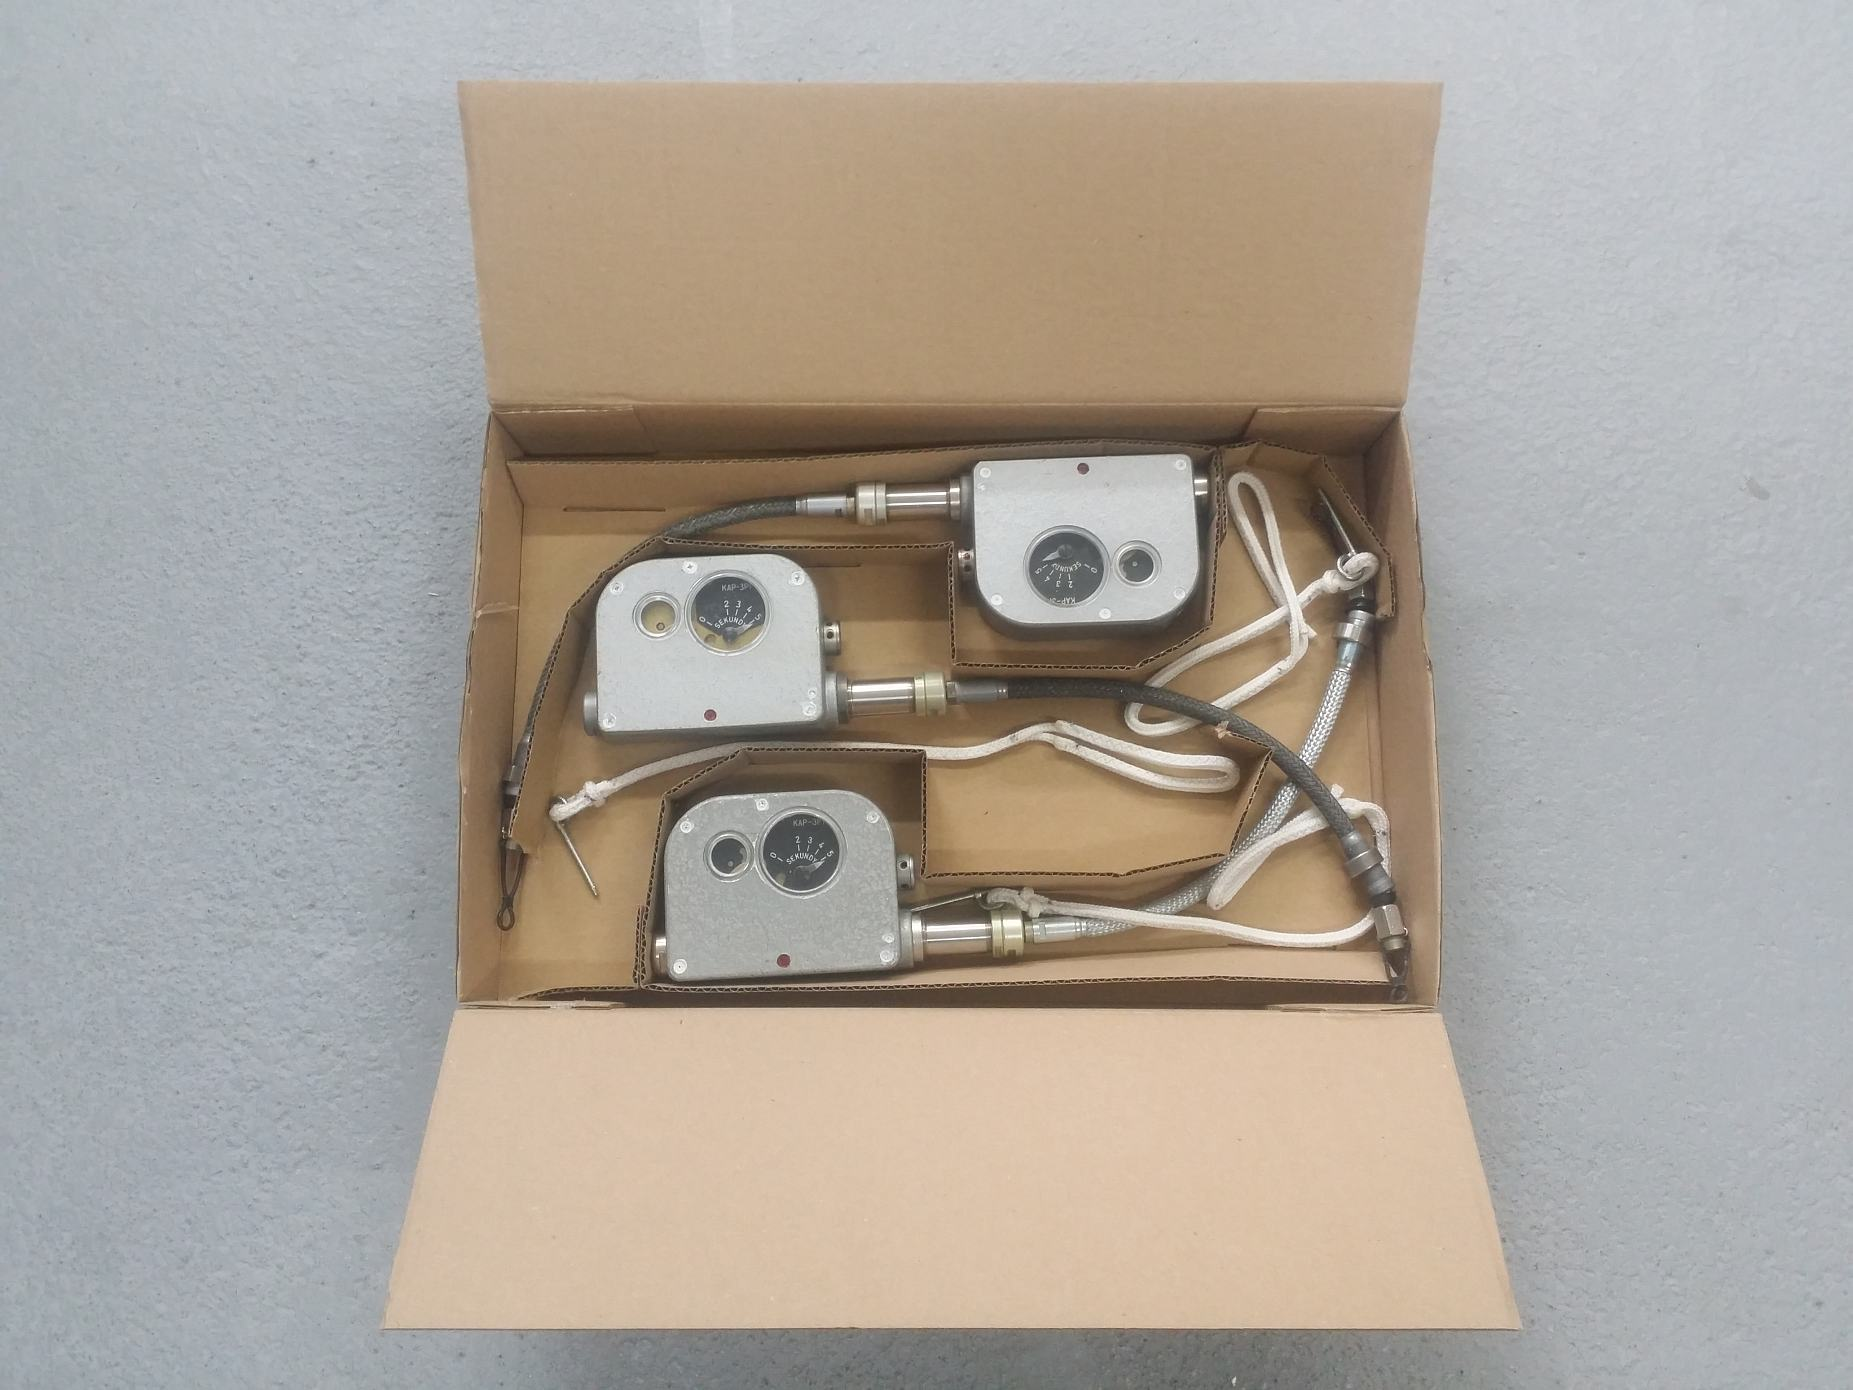 Obsługa automatu KAP-3P1- przebadane automaty przygotowane do wysyłki